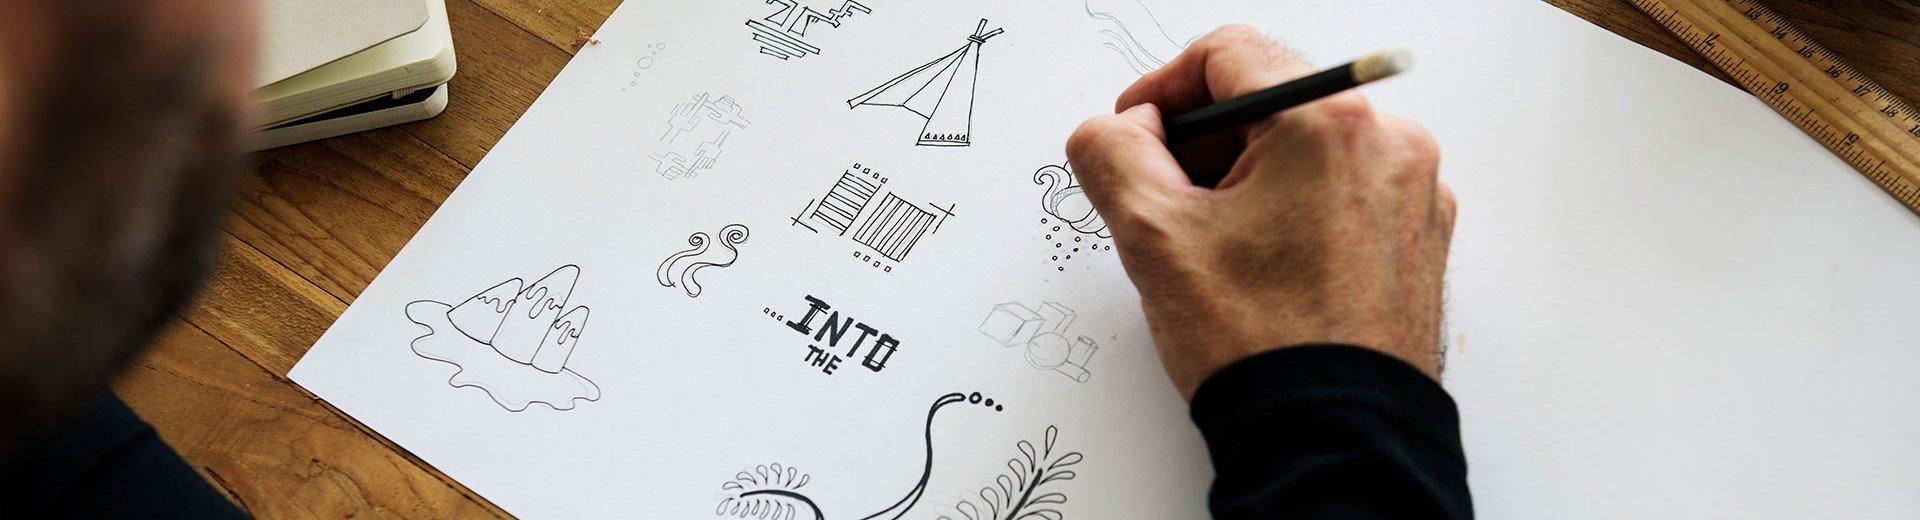 Okładka artykułu Jak powinno wyglądać dobre logo? — 5 zasad, których warto przestrzegać